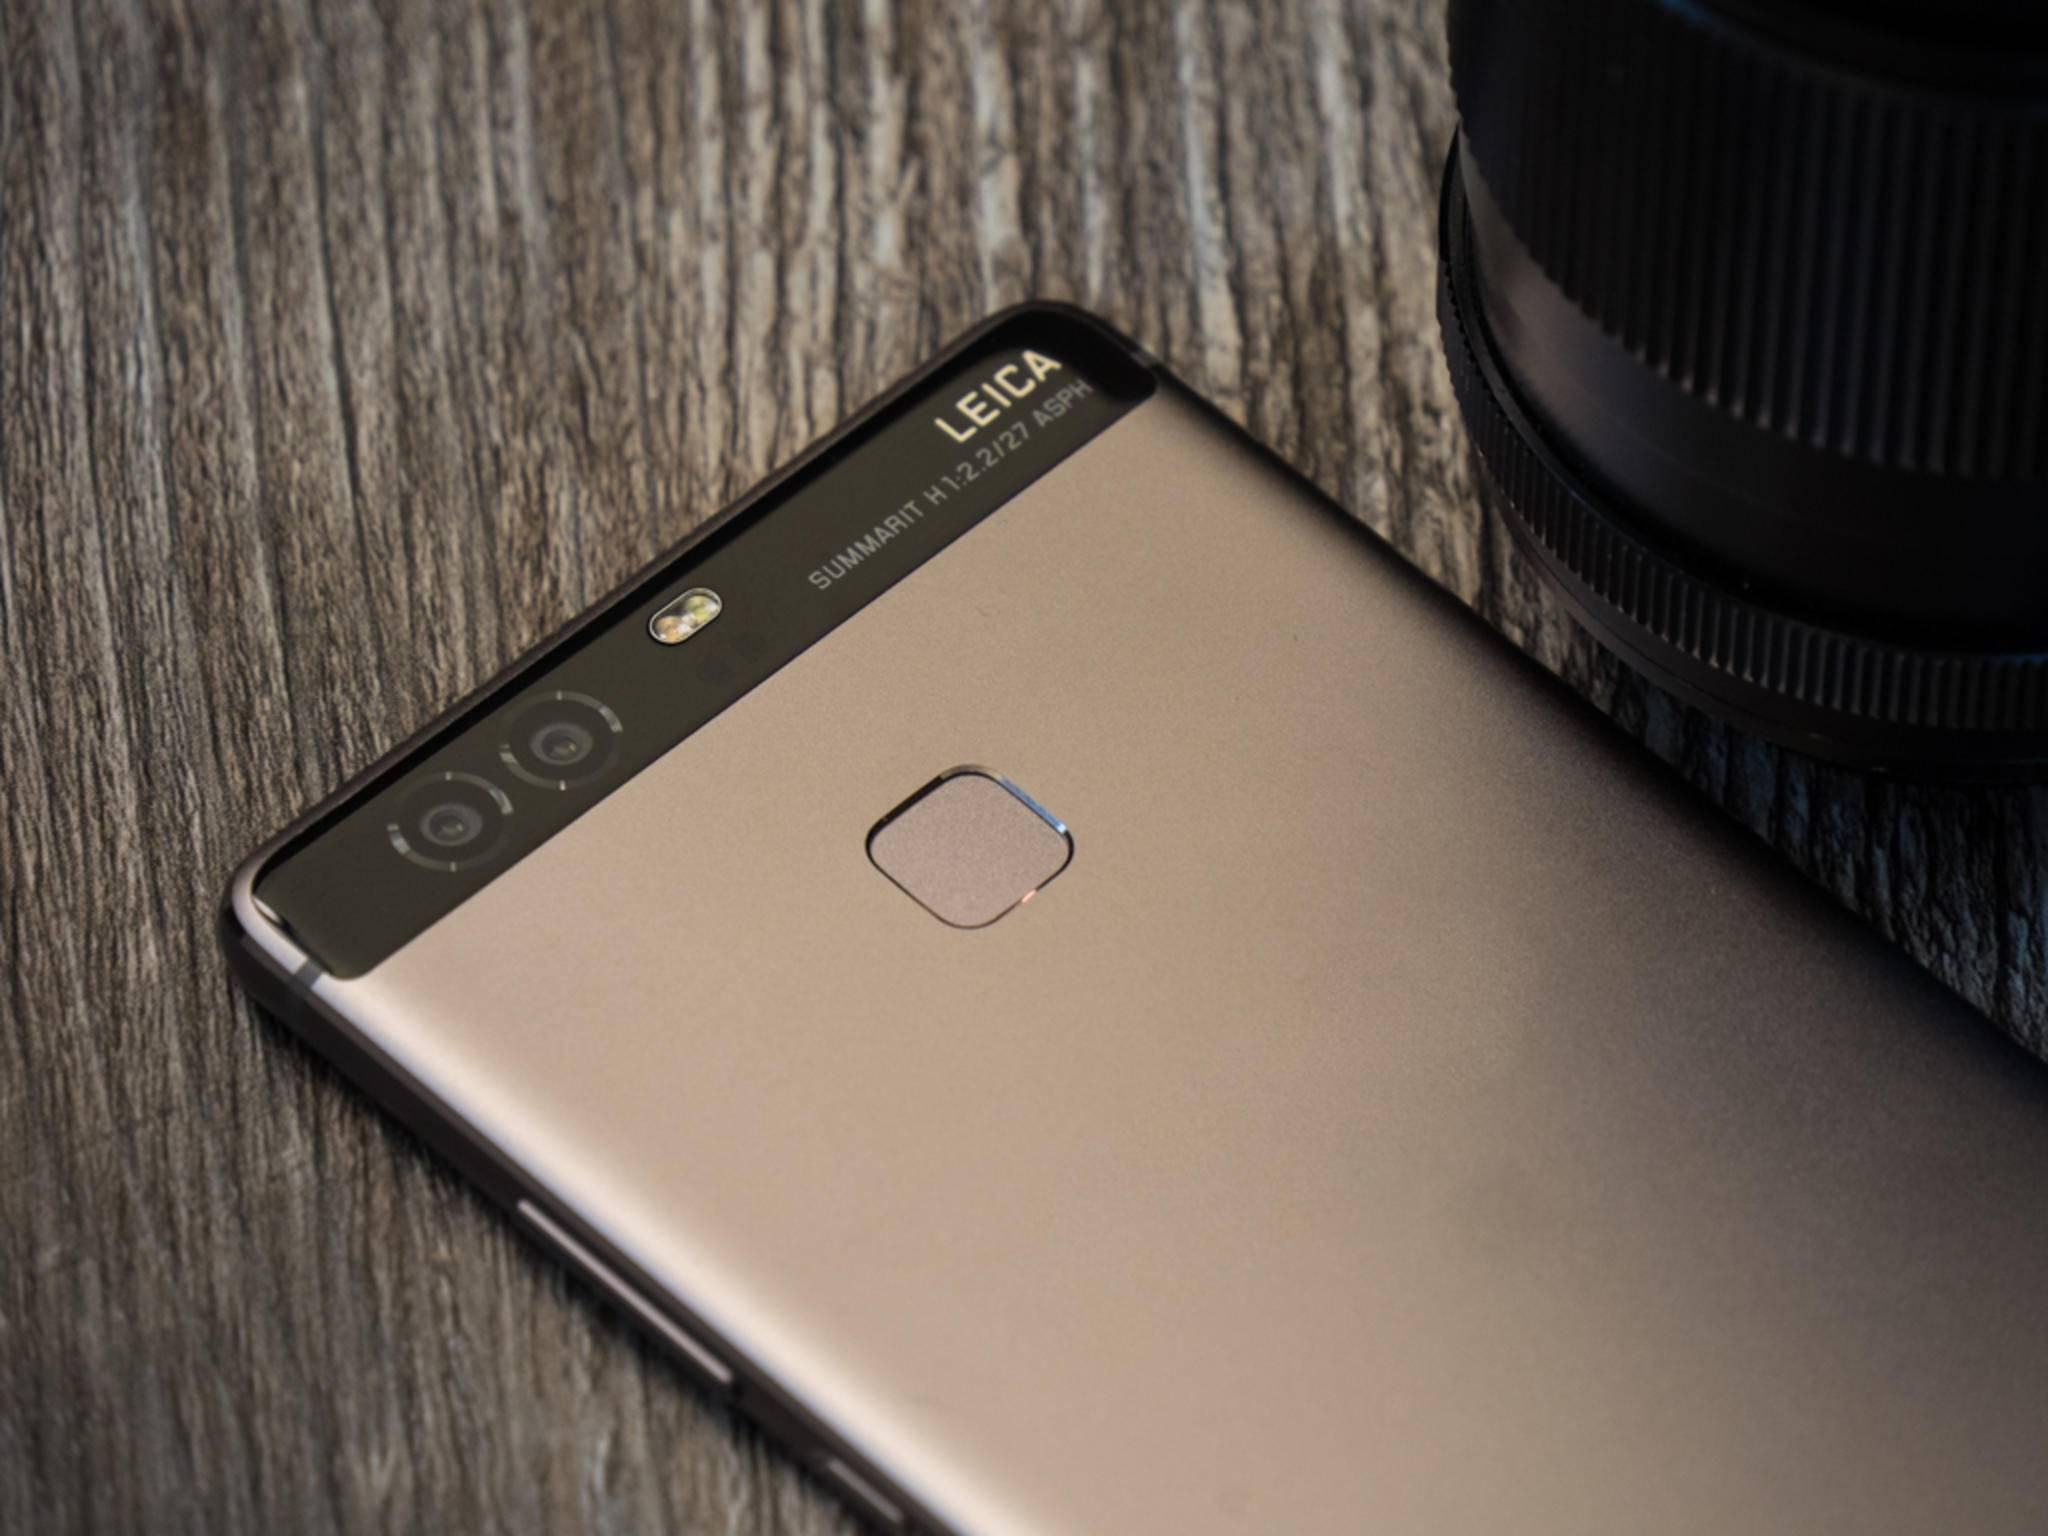 Mit den richtigen Tipps & Tricks holst Du alles aus den kleinen Smartphone-Kameras des Huawei P9.